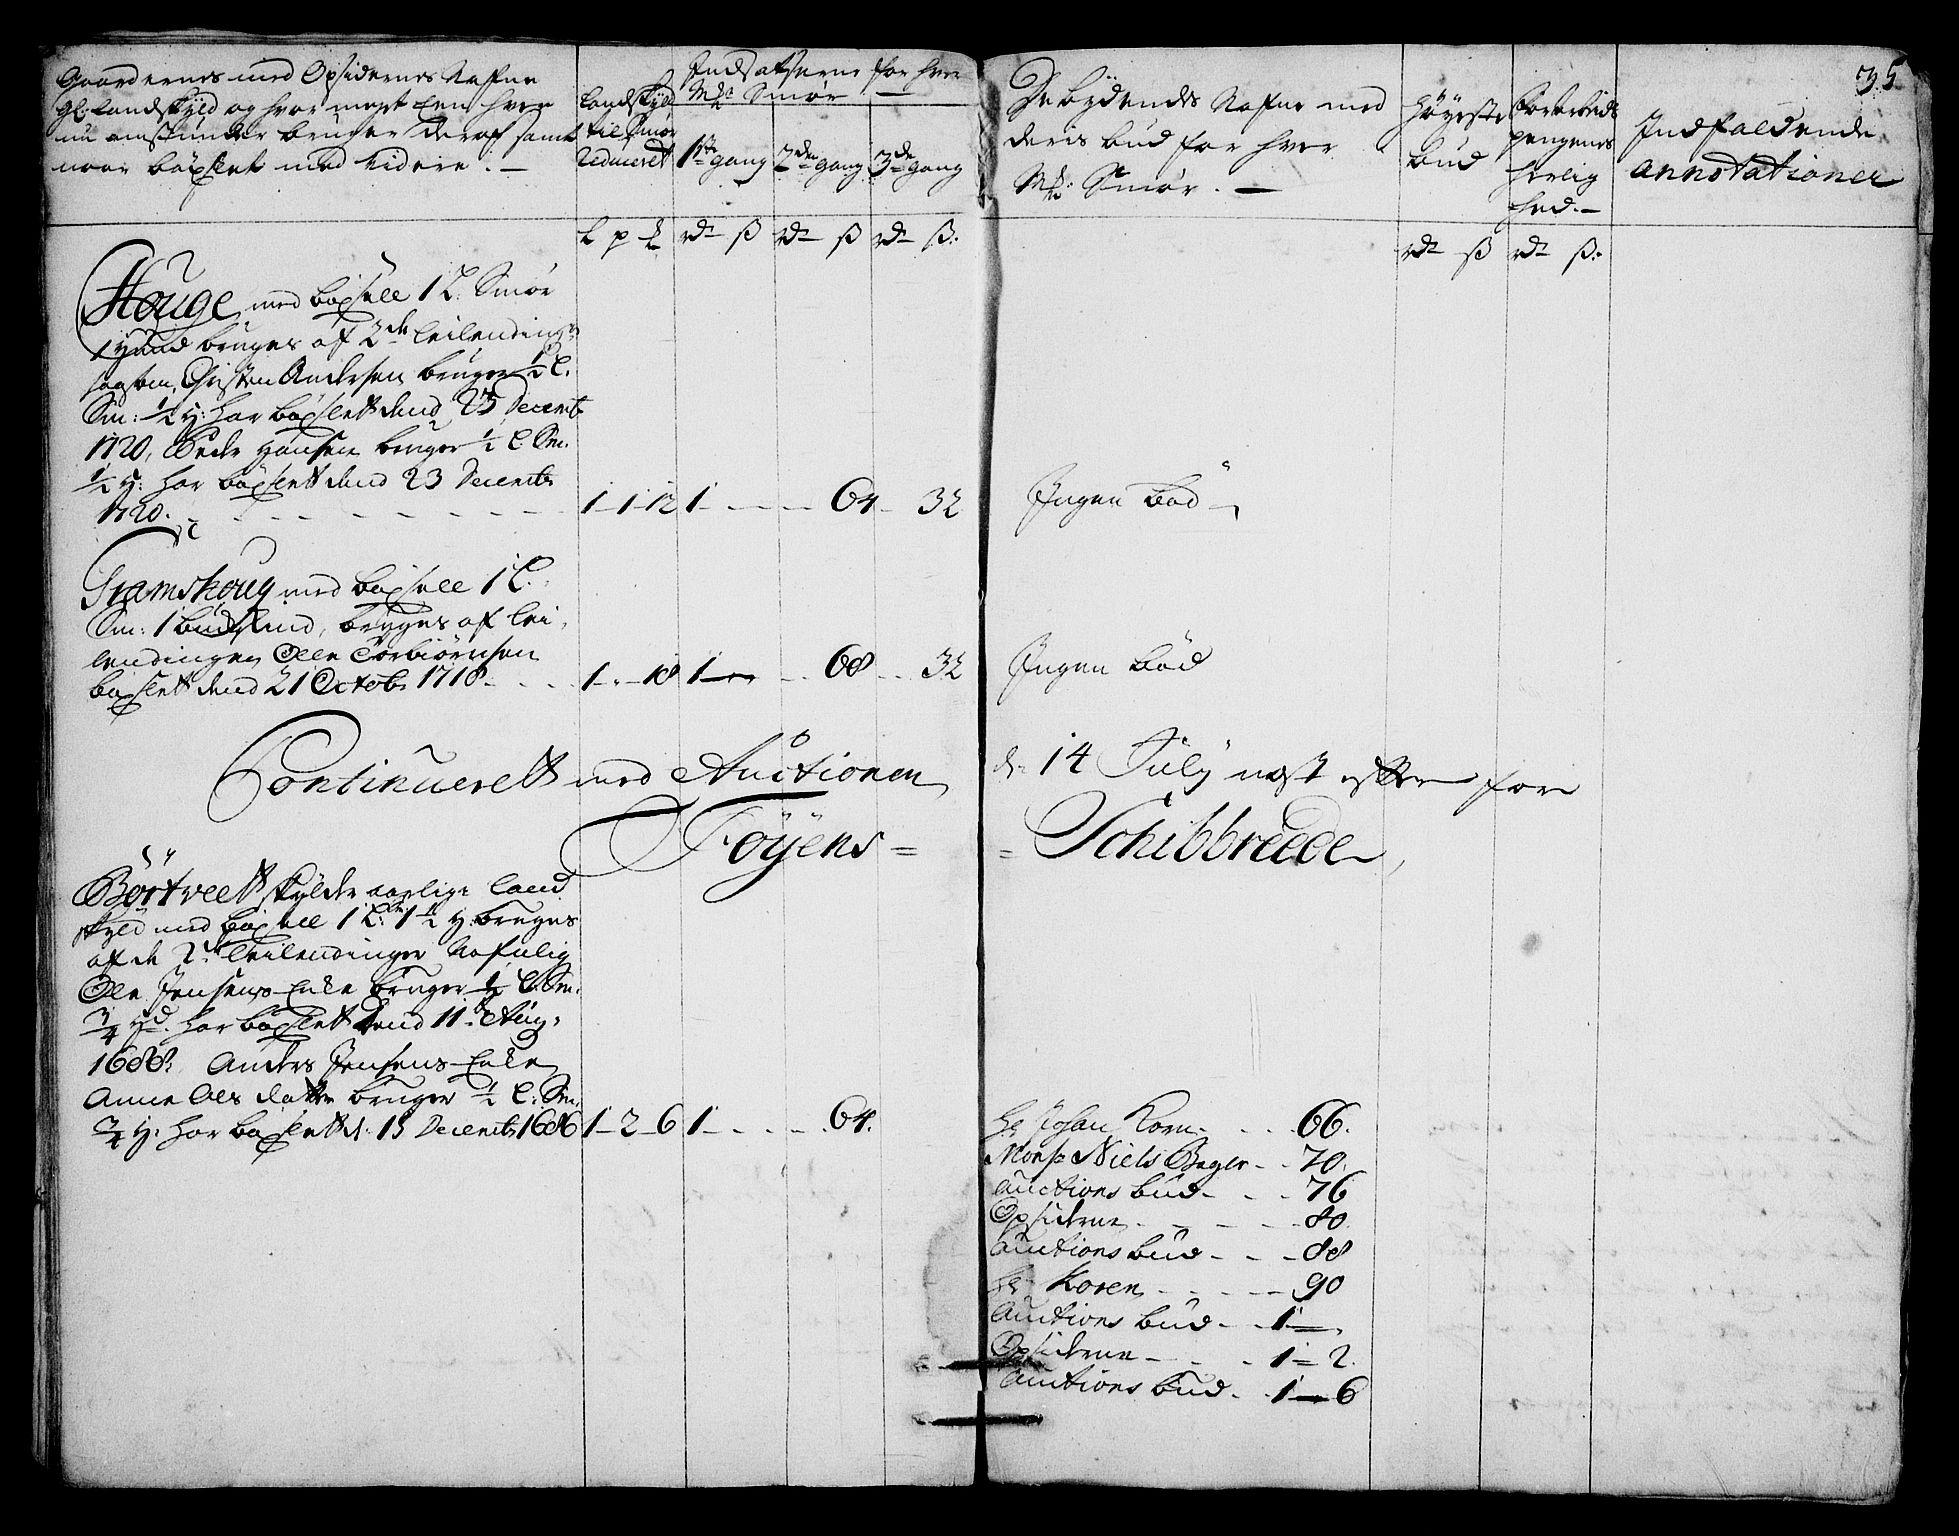 RA, Rentekammeret inntil 1814, Realistisk ordnet avdeling, On/L0003: [Jj 4]: Kommisjonsforretning over Vilhelm Hanssøns forpaktning av Halsnøy klosters gods, 1721-1729, s. 362